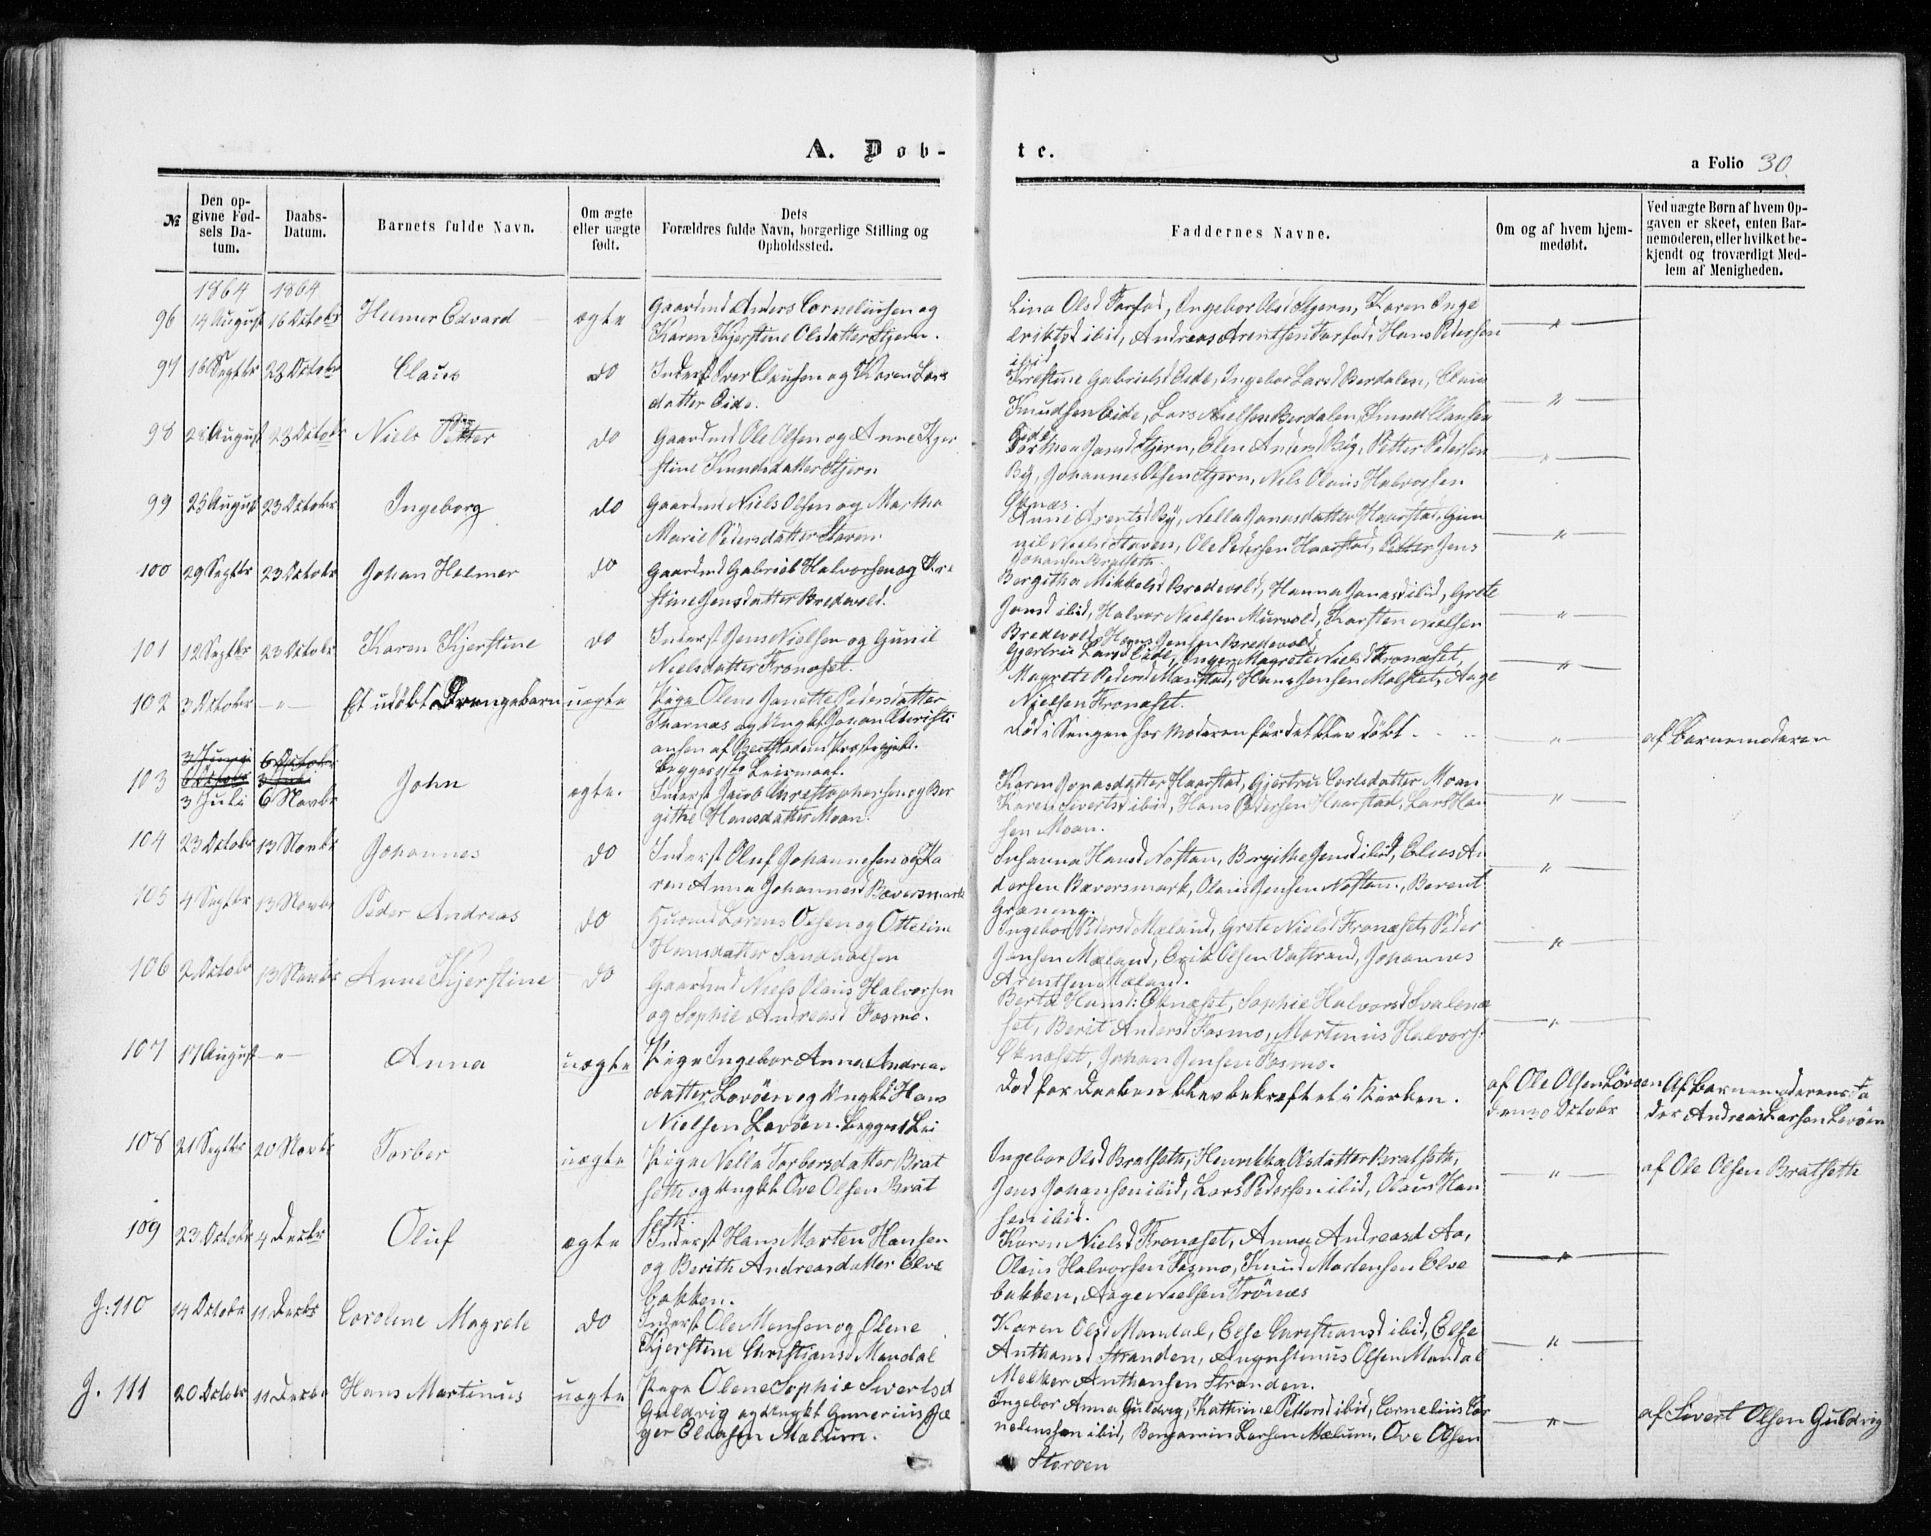 SAT, Ministerialprotokoller, klokkerbøker og fødselsregistre - Sør-Trøndelag, 655/L0678: Ministerialbok nr. 655A07, 1861-1873, s. 30